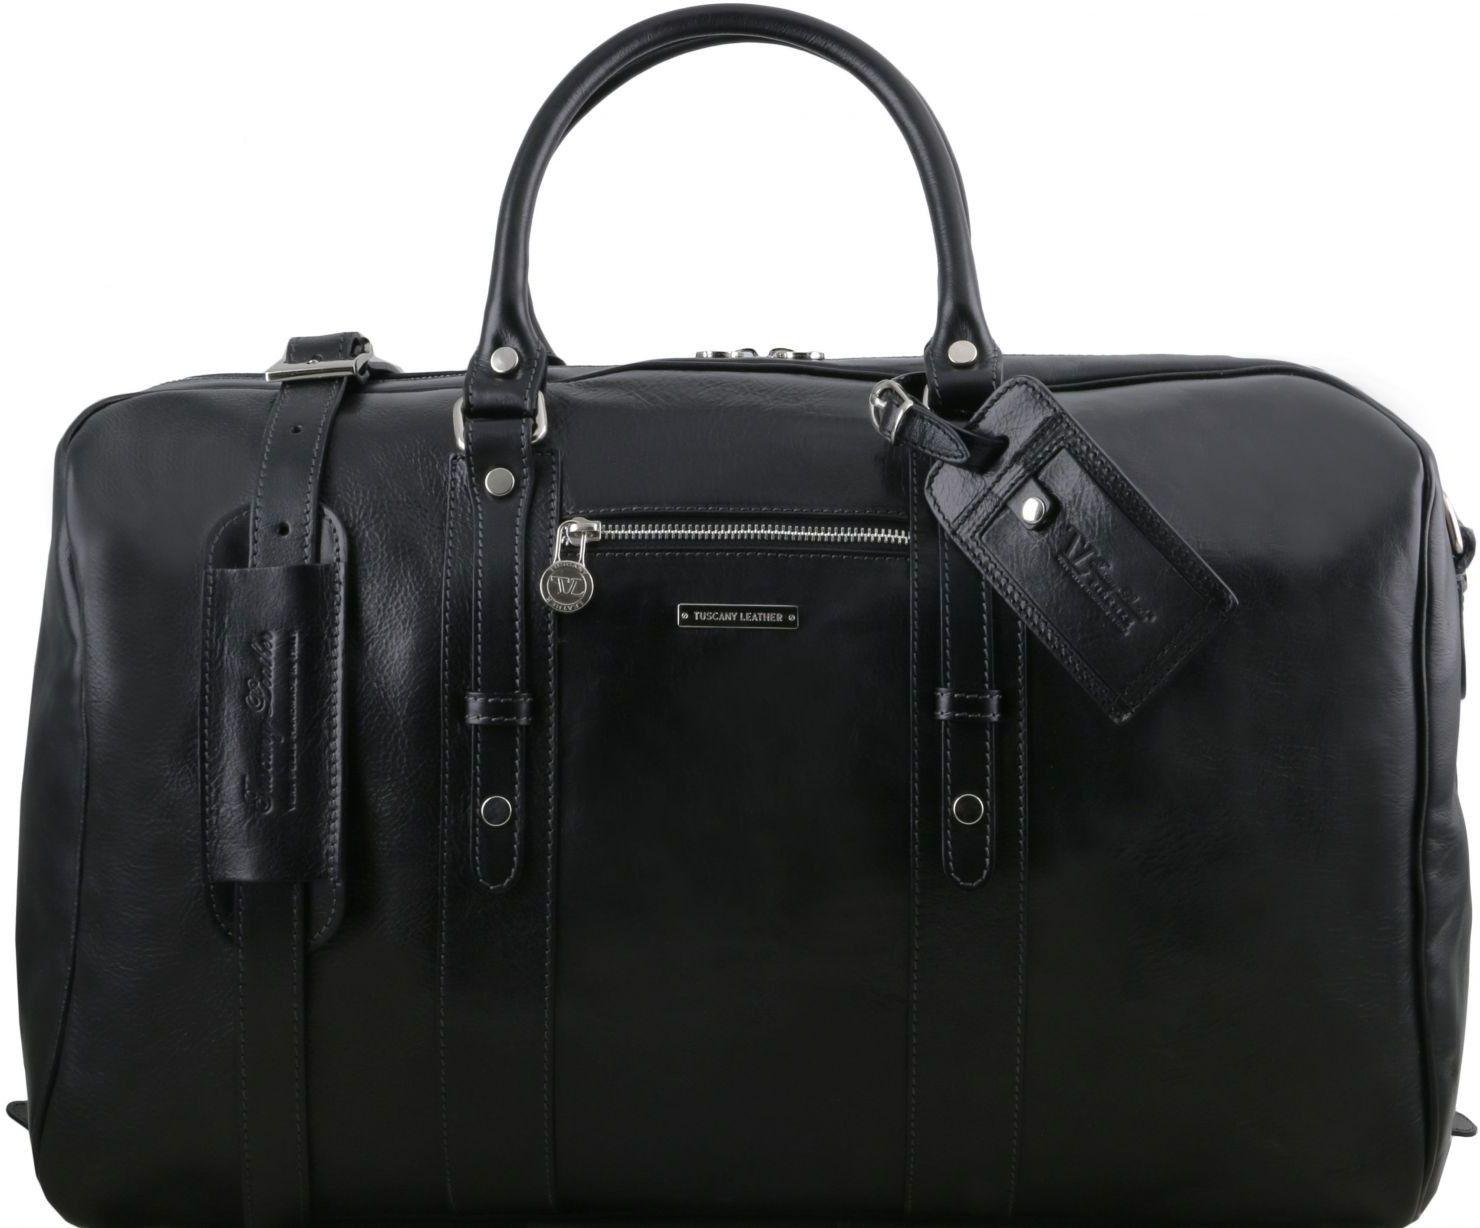 Σάκος ταξιδίου δερμάτινος TL Voyager – TL141401 Μαύρο Tuscany Leather